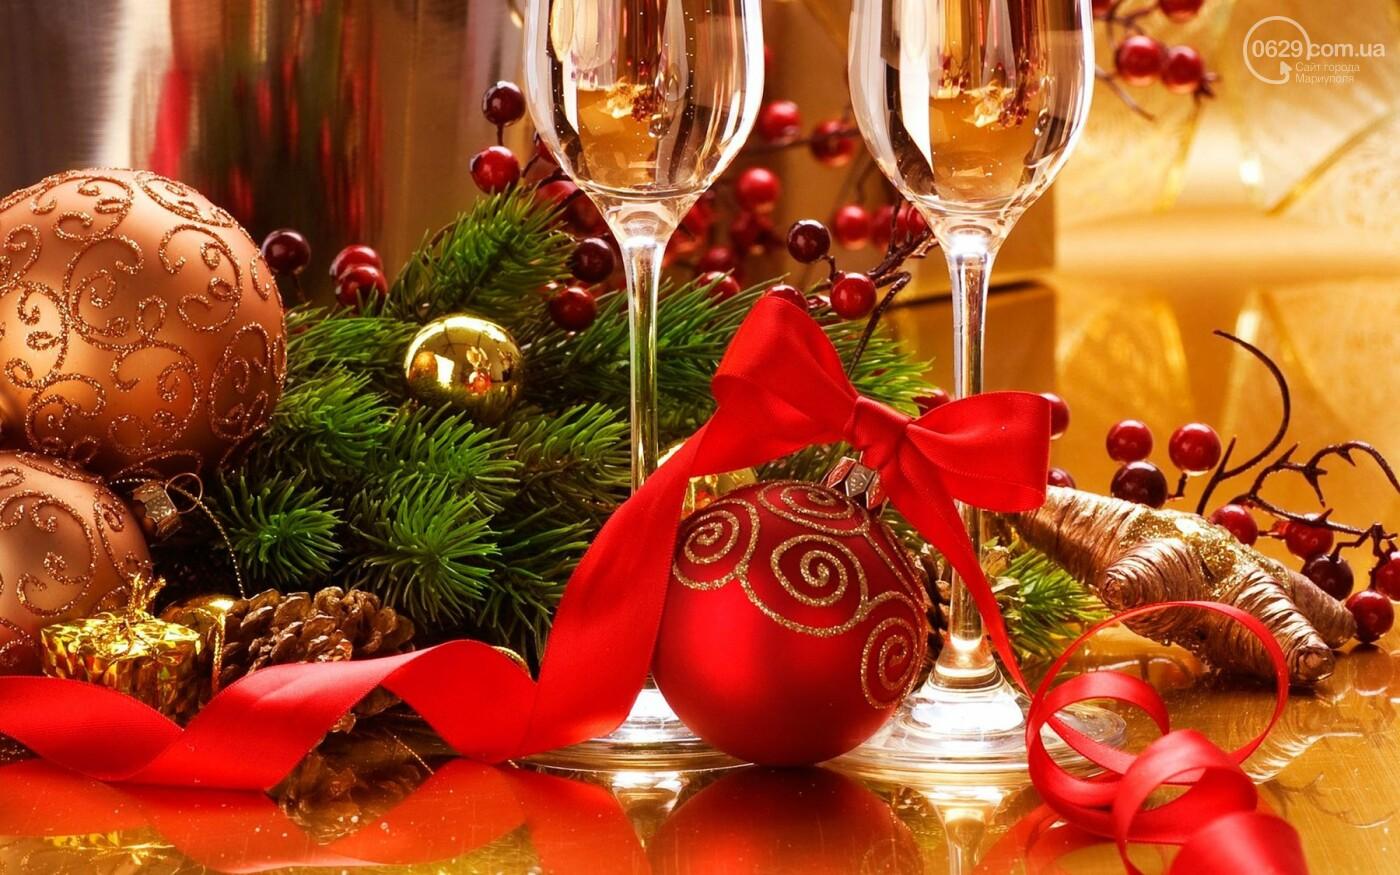 Сколько стоит новогодняя ночь в ресторанах Мариуполя, фото-4